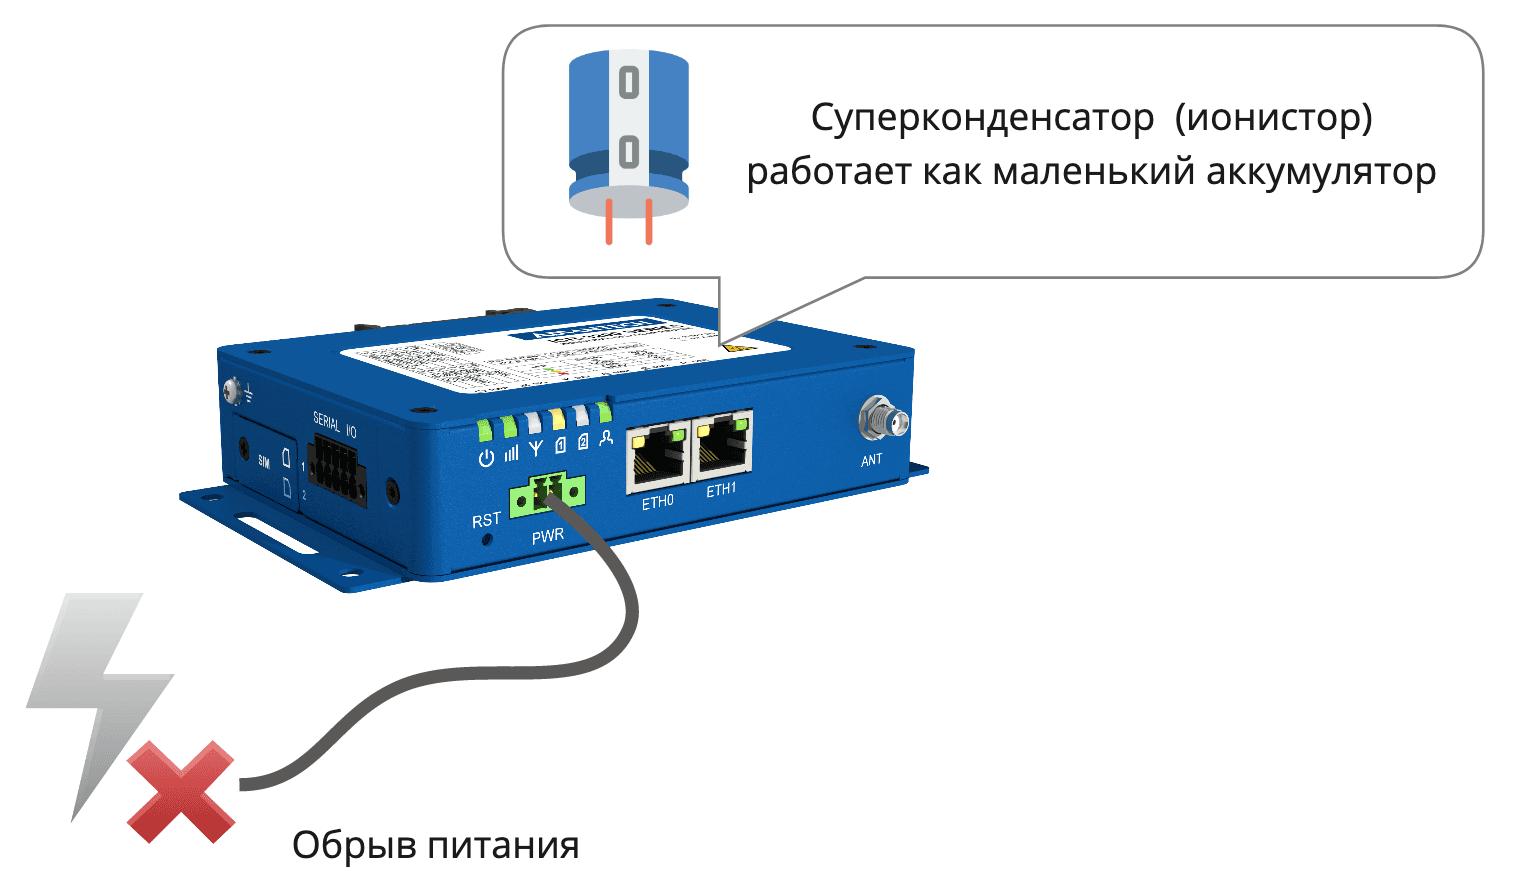 4G-роутер в роли универсального сервера для IoT - 4